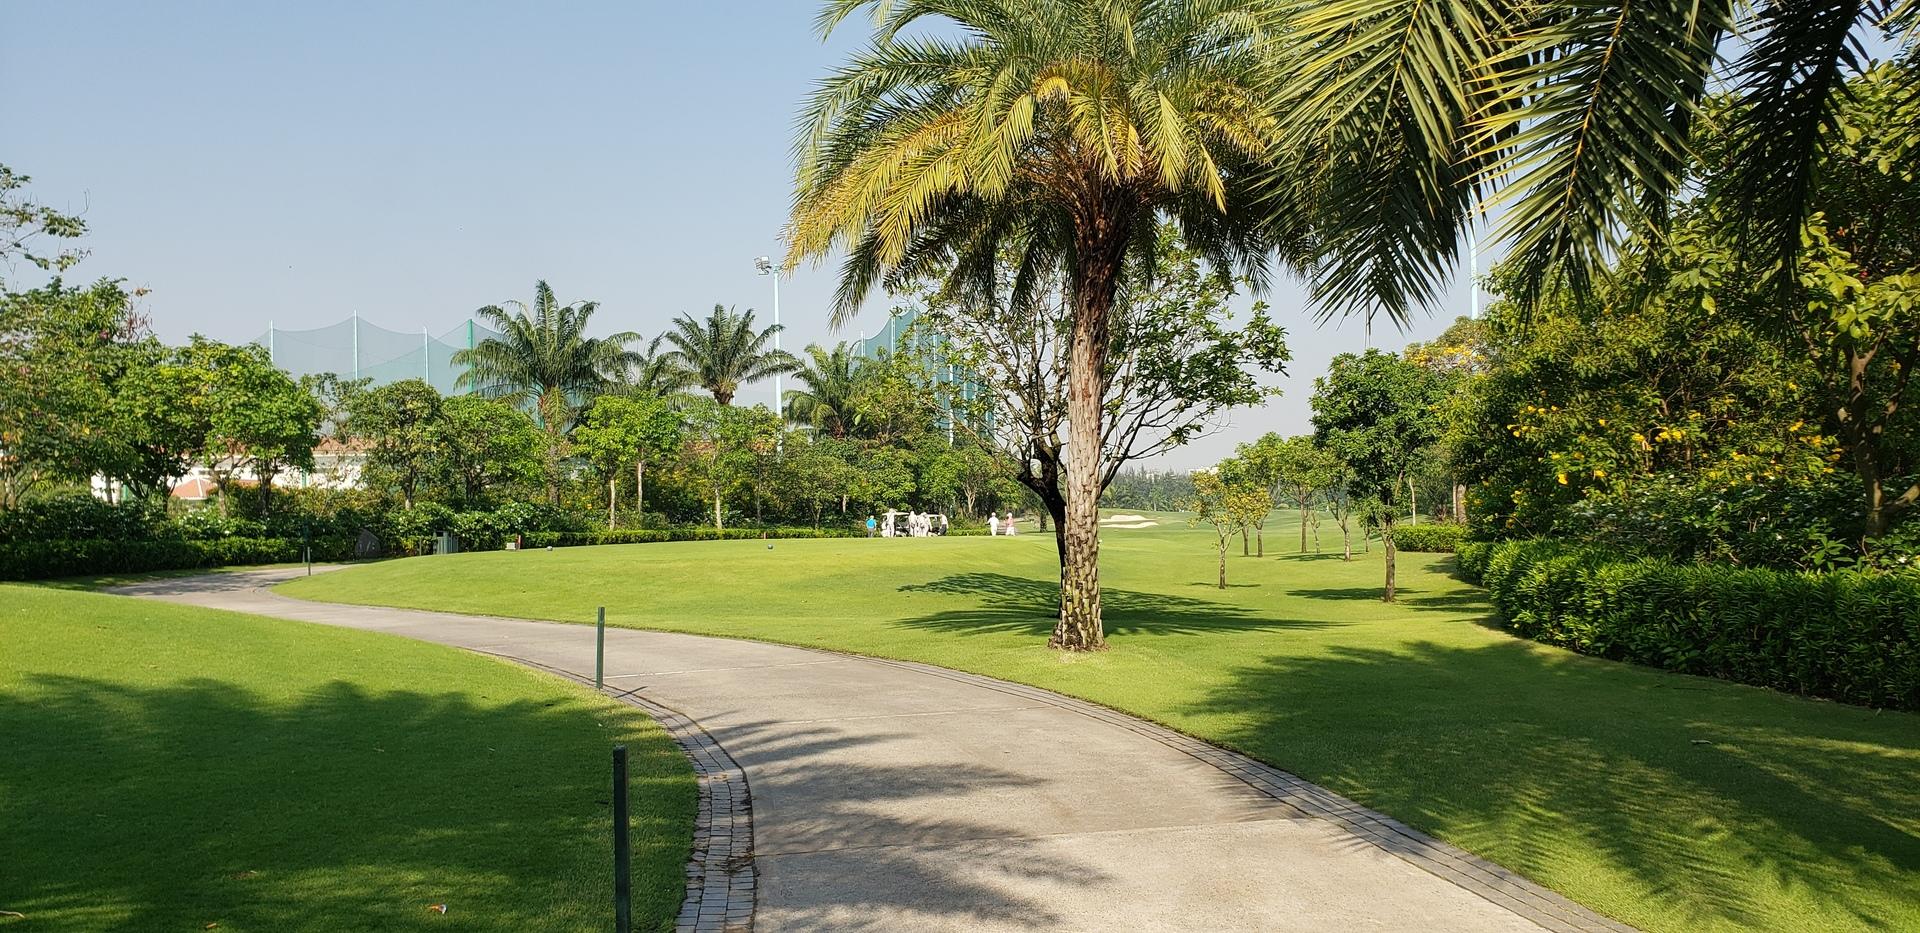 素晴らしいゴルフ場ですね(^^) 攻め方も色々有り、特にグリー周りは ベトナムに来た際は是非行って下さい